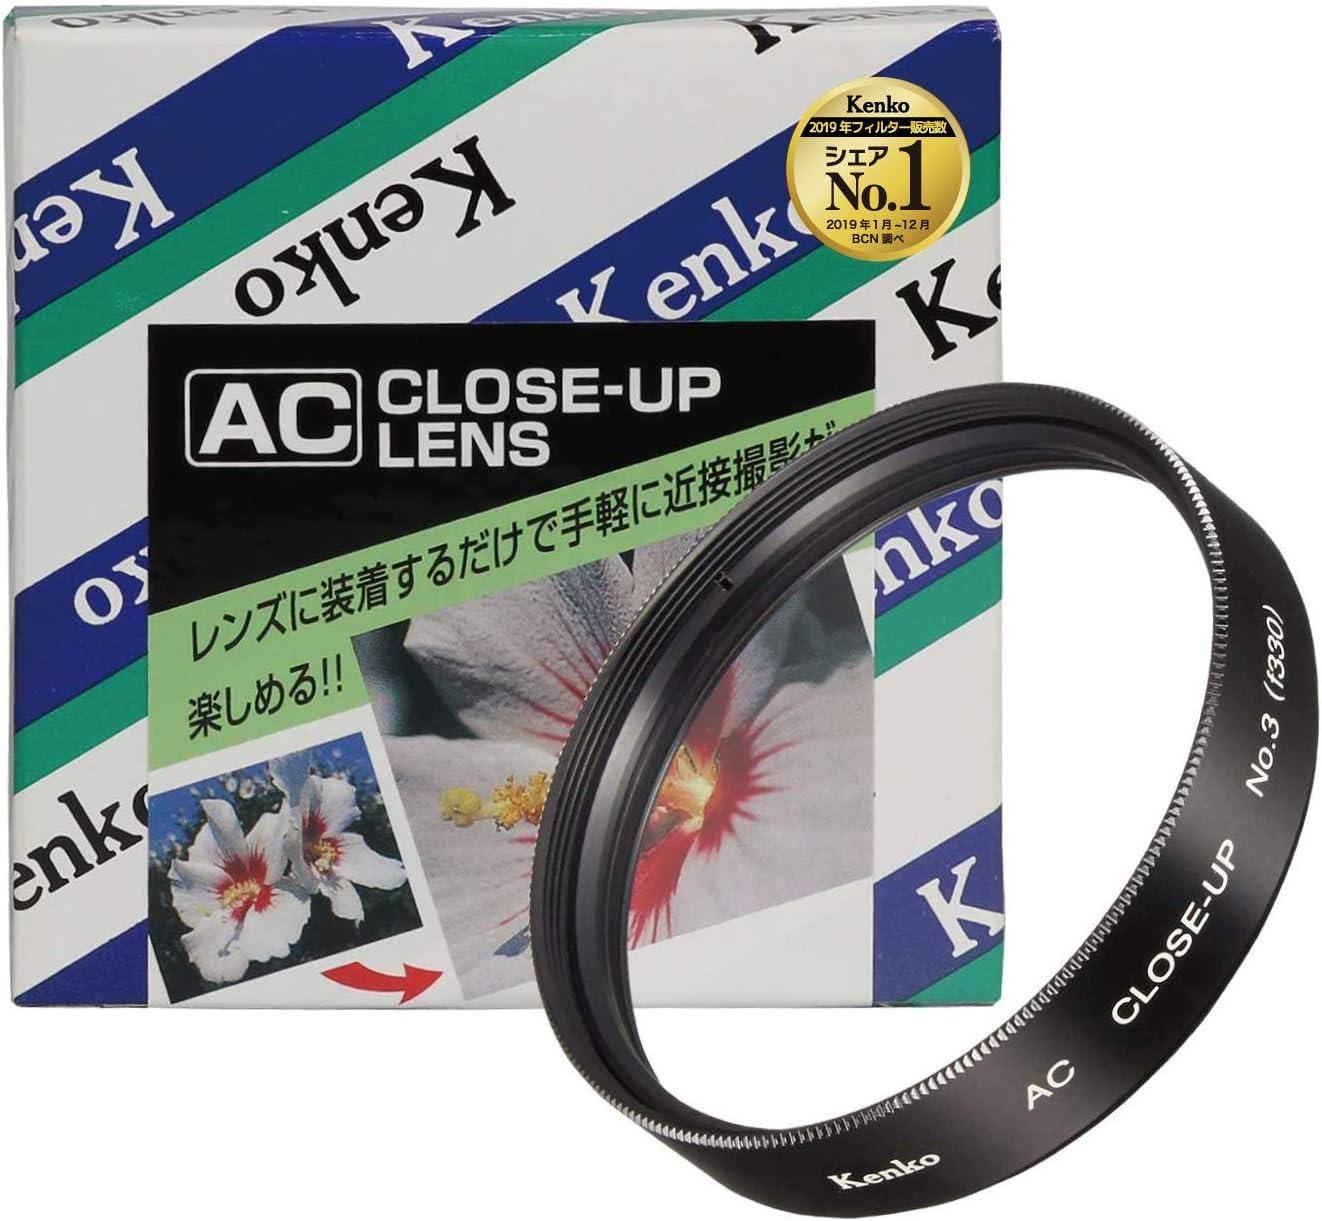 Kenko レンズフィルター AC クローズアップレンズ No.3